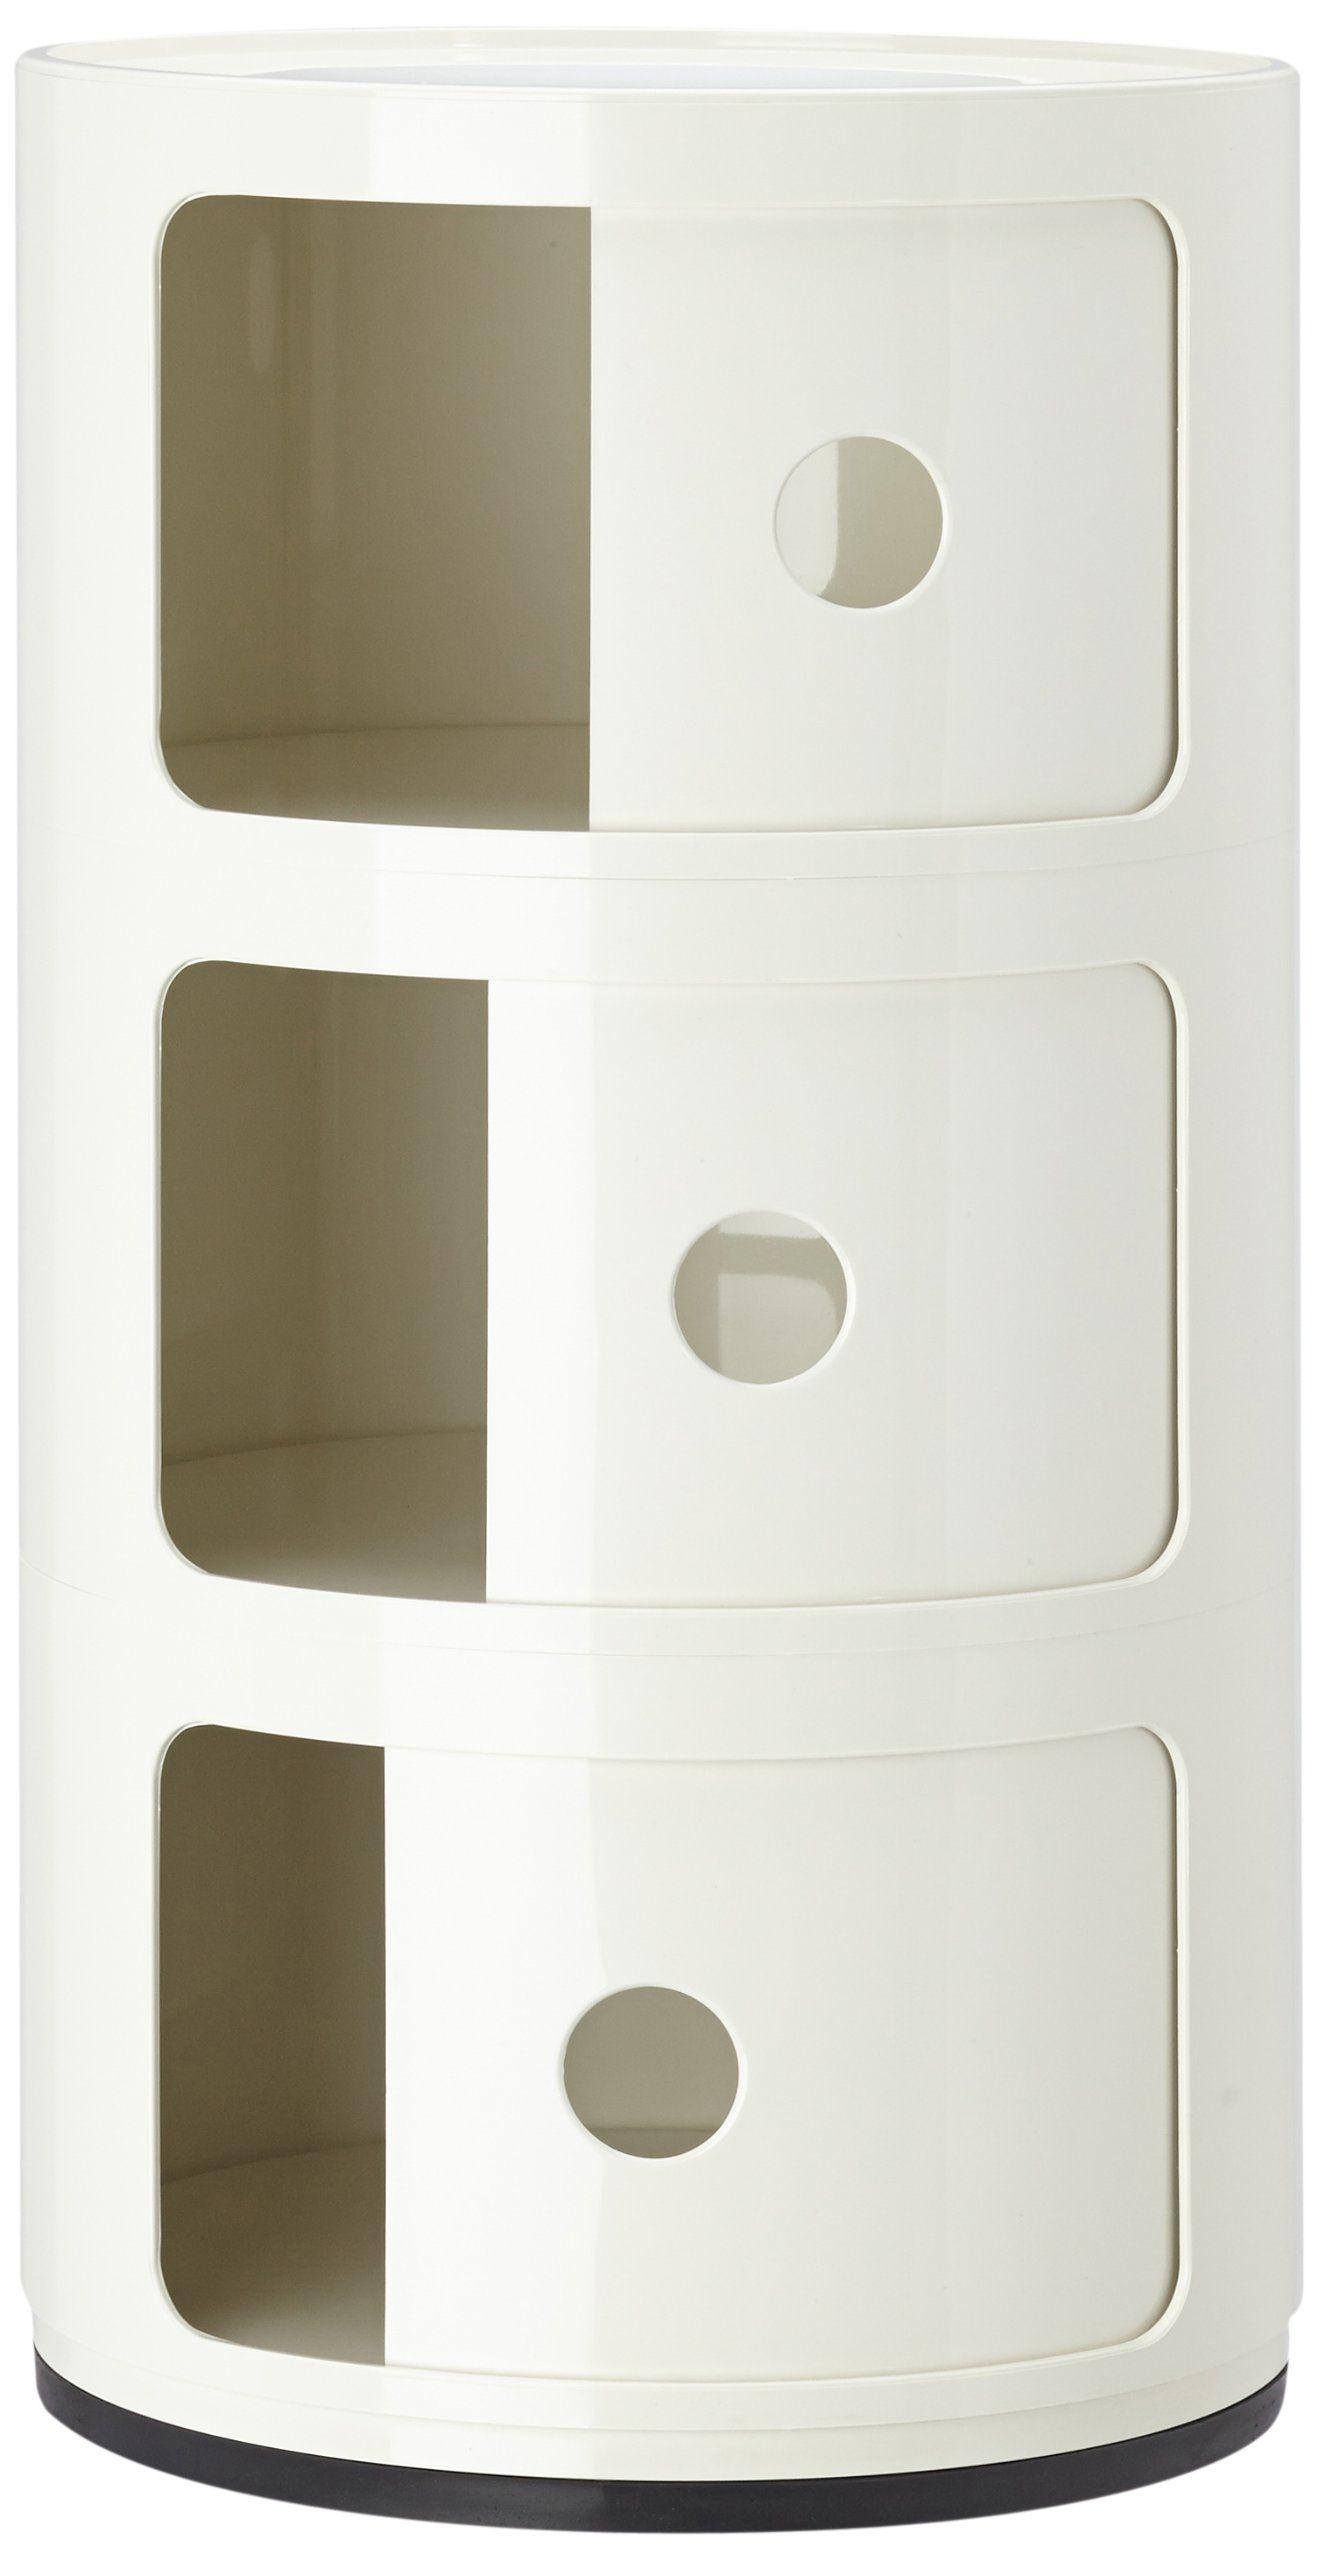 Kartell 496703 Componibili Meuble De Rangement Blanc Amazon Fr Cuisine Maison Meuble Rangement Kartell Componibili Cuisines Maison